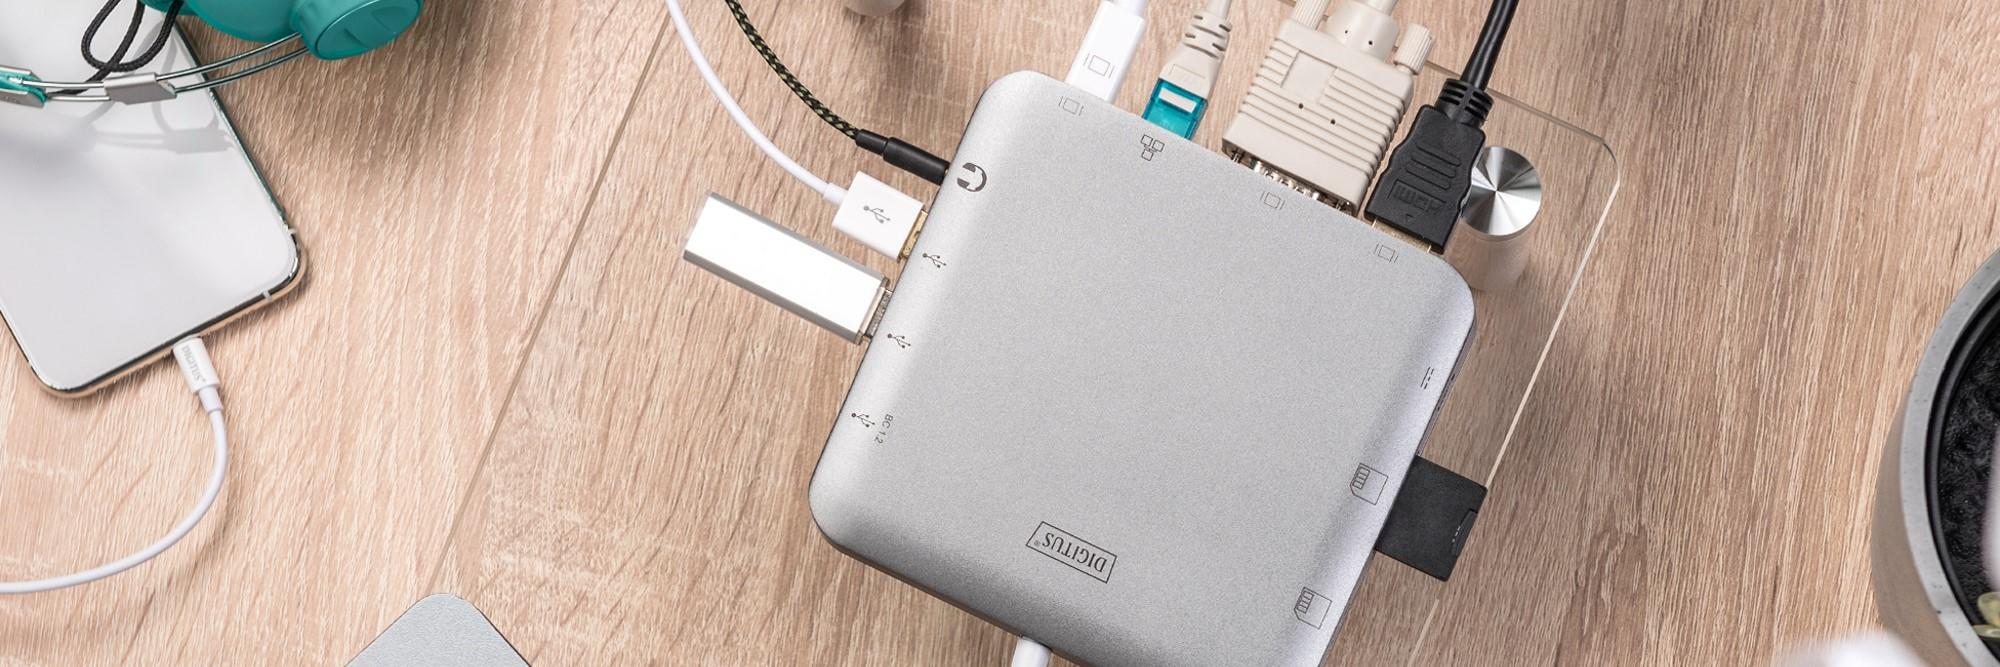 USB Type-C™ Docking Station